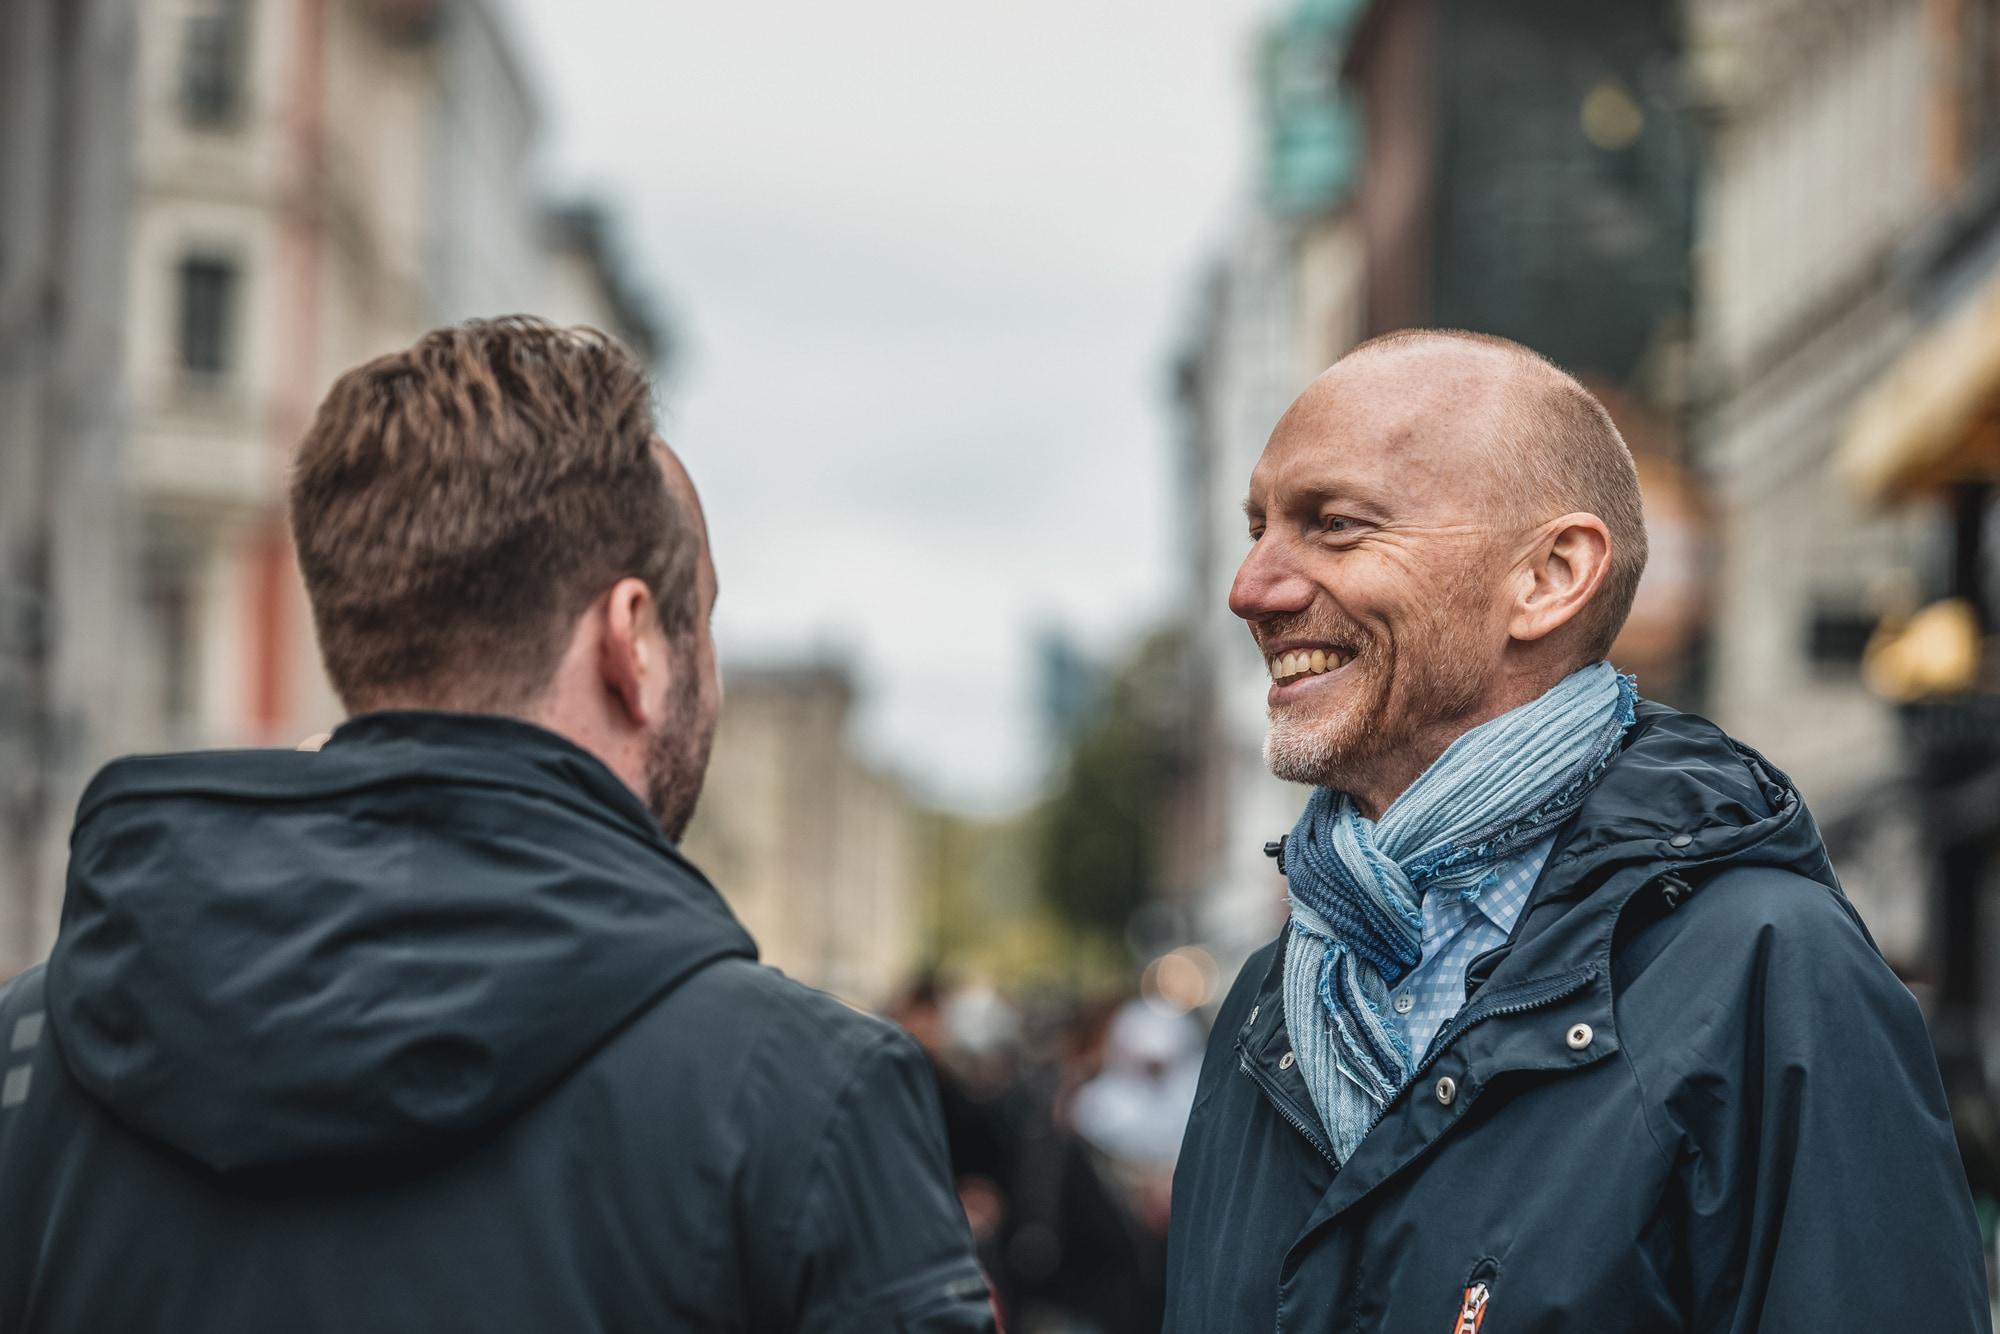 To kollegaer som står ute på karl johan og smiler